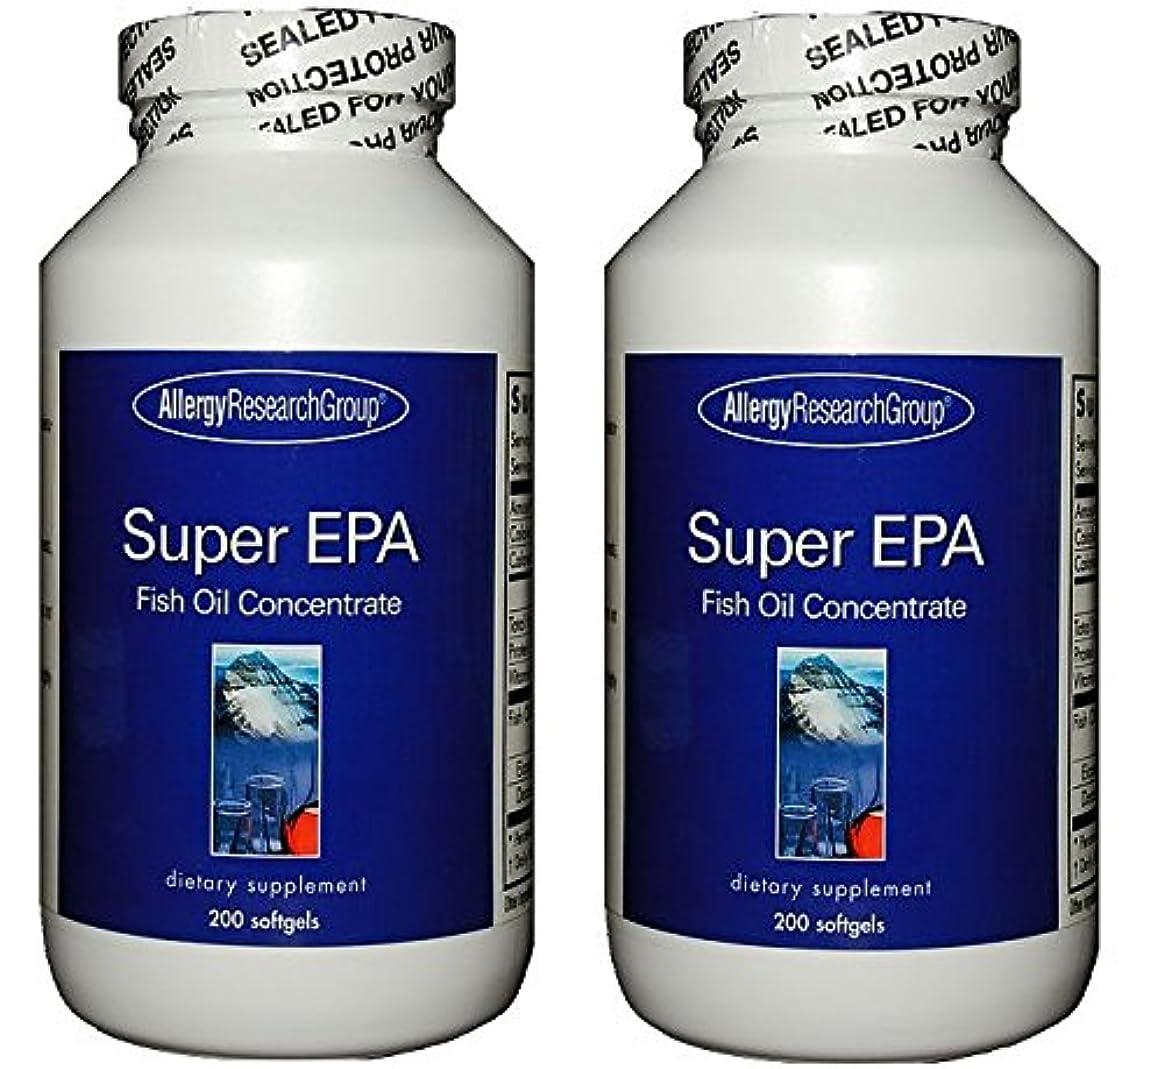 パイル西部死んでいるスーパーEPA & DHA  200ソフトカプセル (Super EPA Fish Oil Concentrate 200 softgels) [海外直送品] 2ボトル